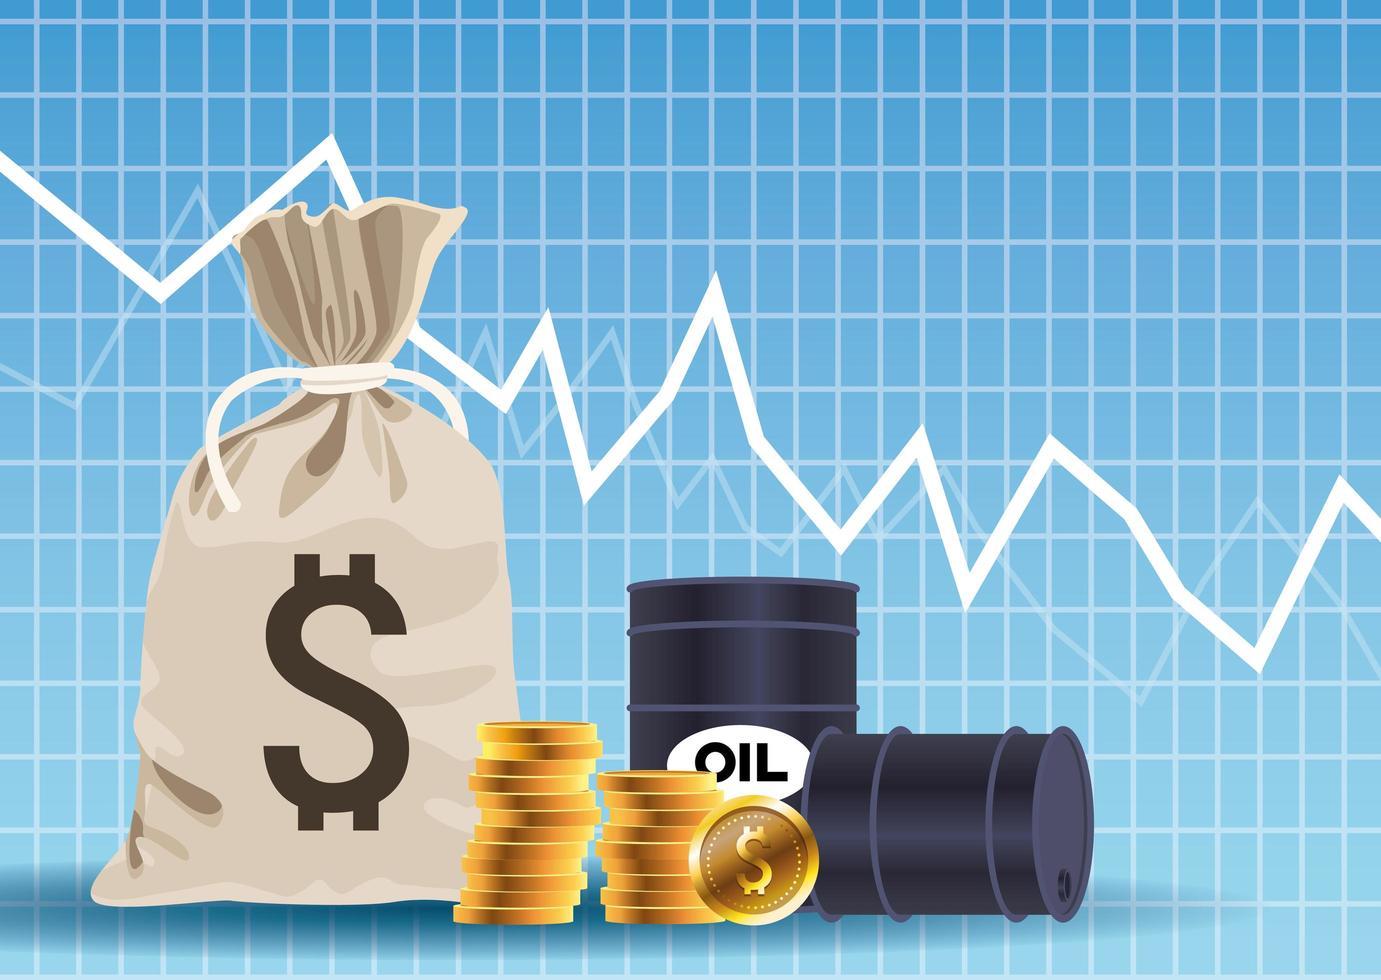 Ölpreismarkt mit Fässern und Münzen Geldsack vektor